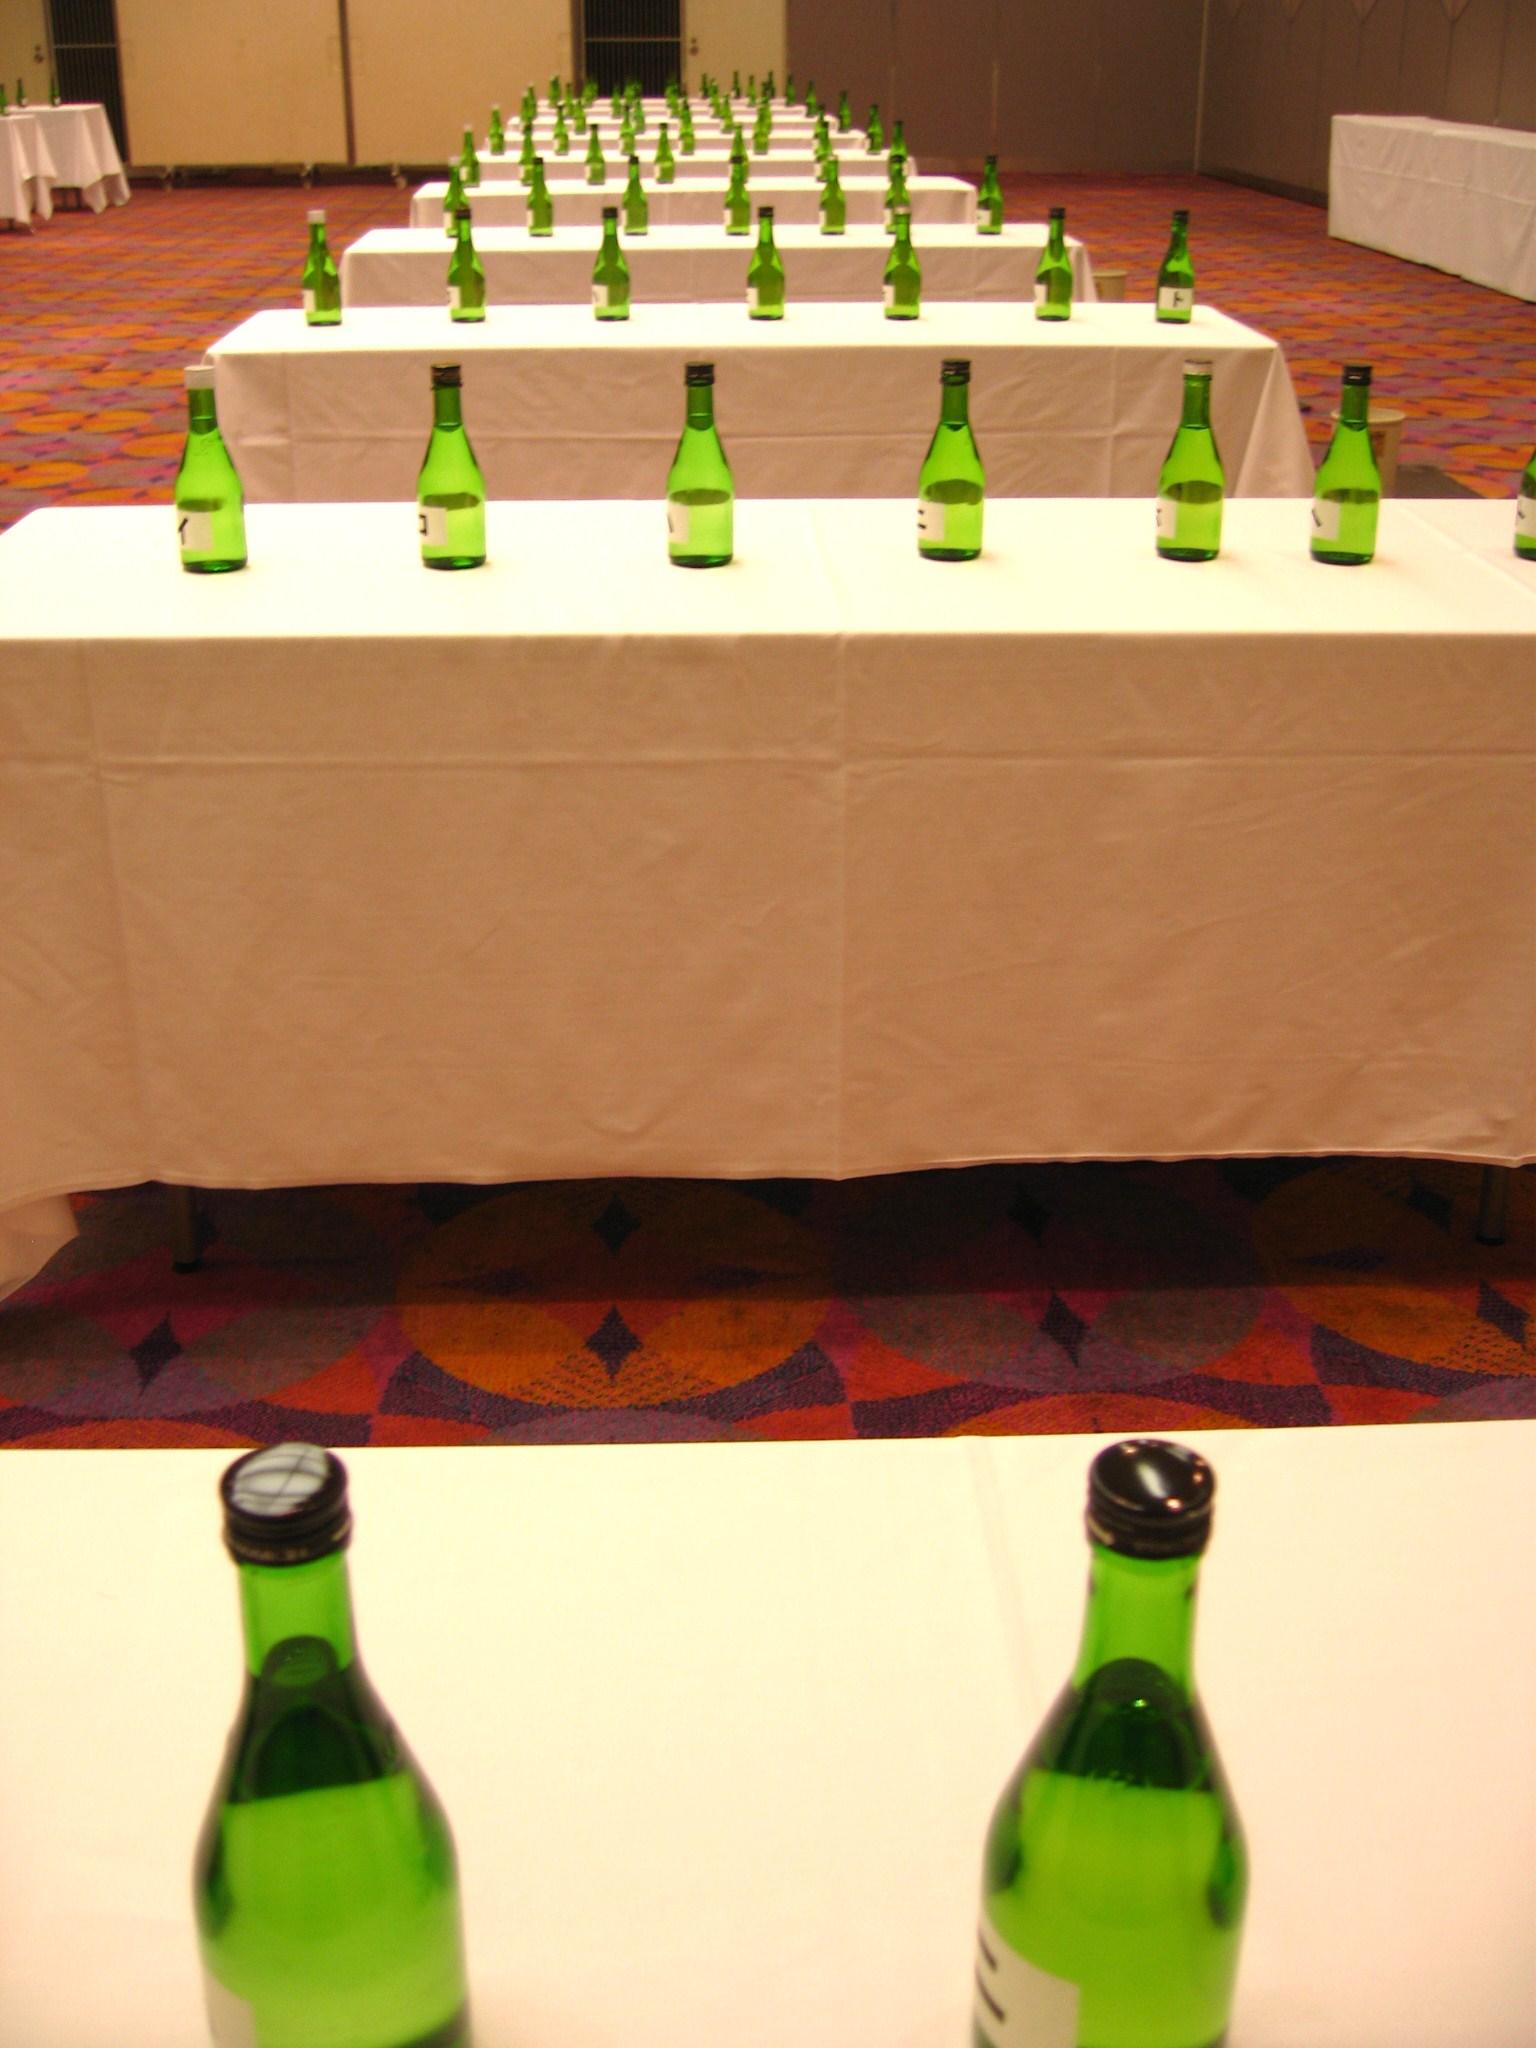 月刊滋賀地酒10月号/滋賀地酒の祭典 1,2,3部追跡レポート(1)_a0309506_1953221.jpg